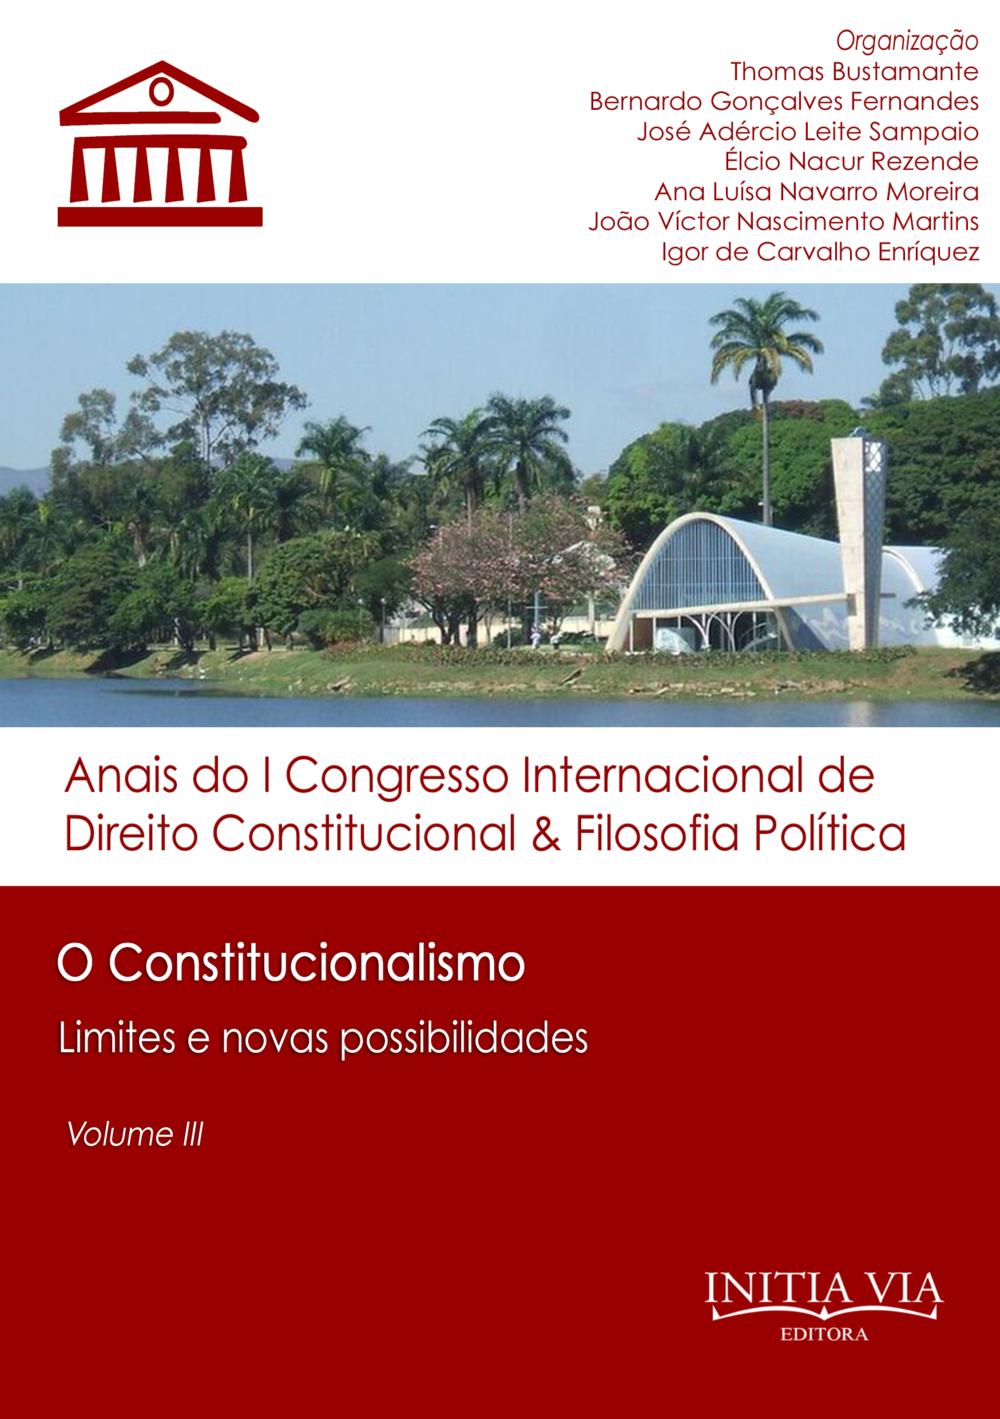 CAPA anais - vol 3.png